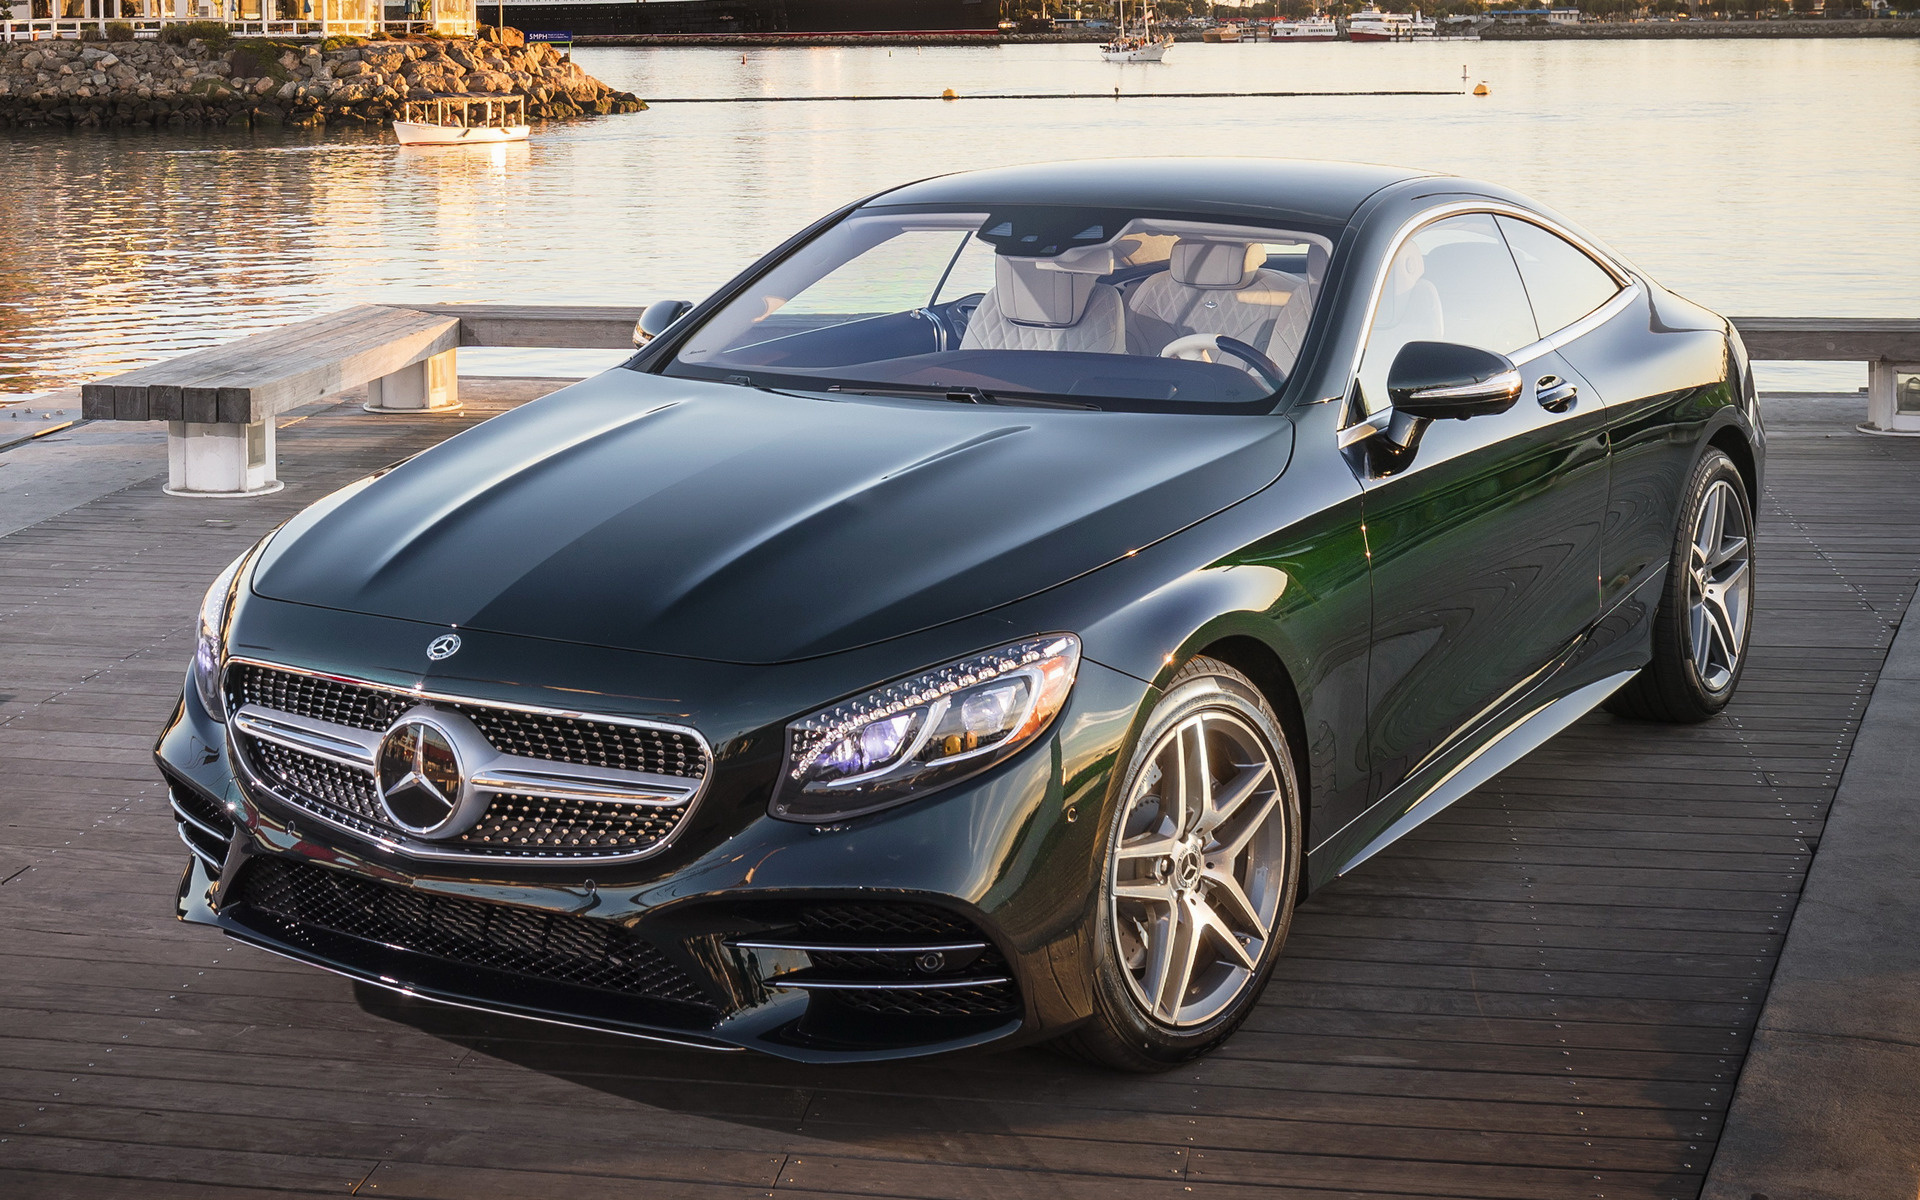 Mercedes-benz s-class Сoupe 2018. Технические характеристики, комплектация, фото и цены